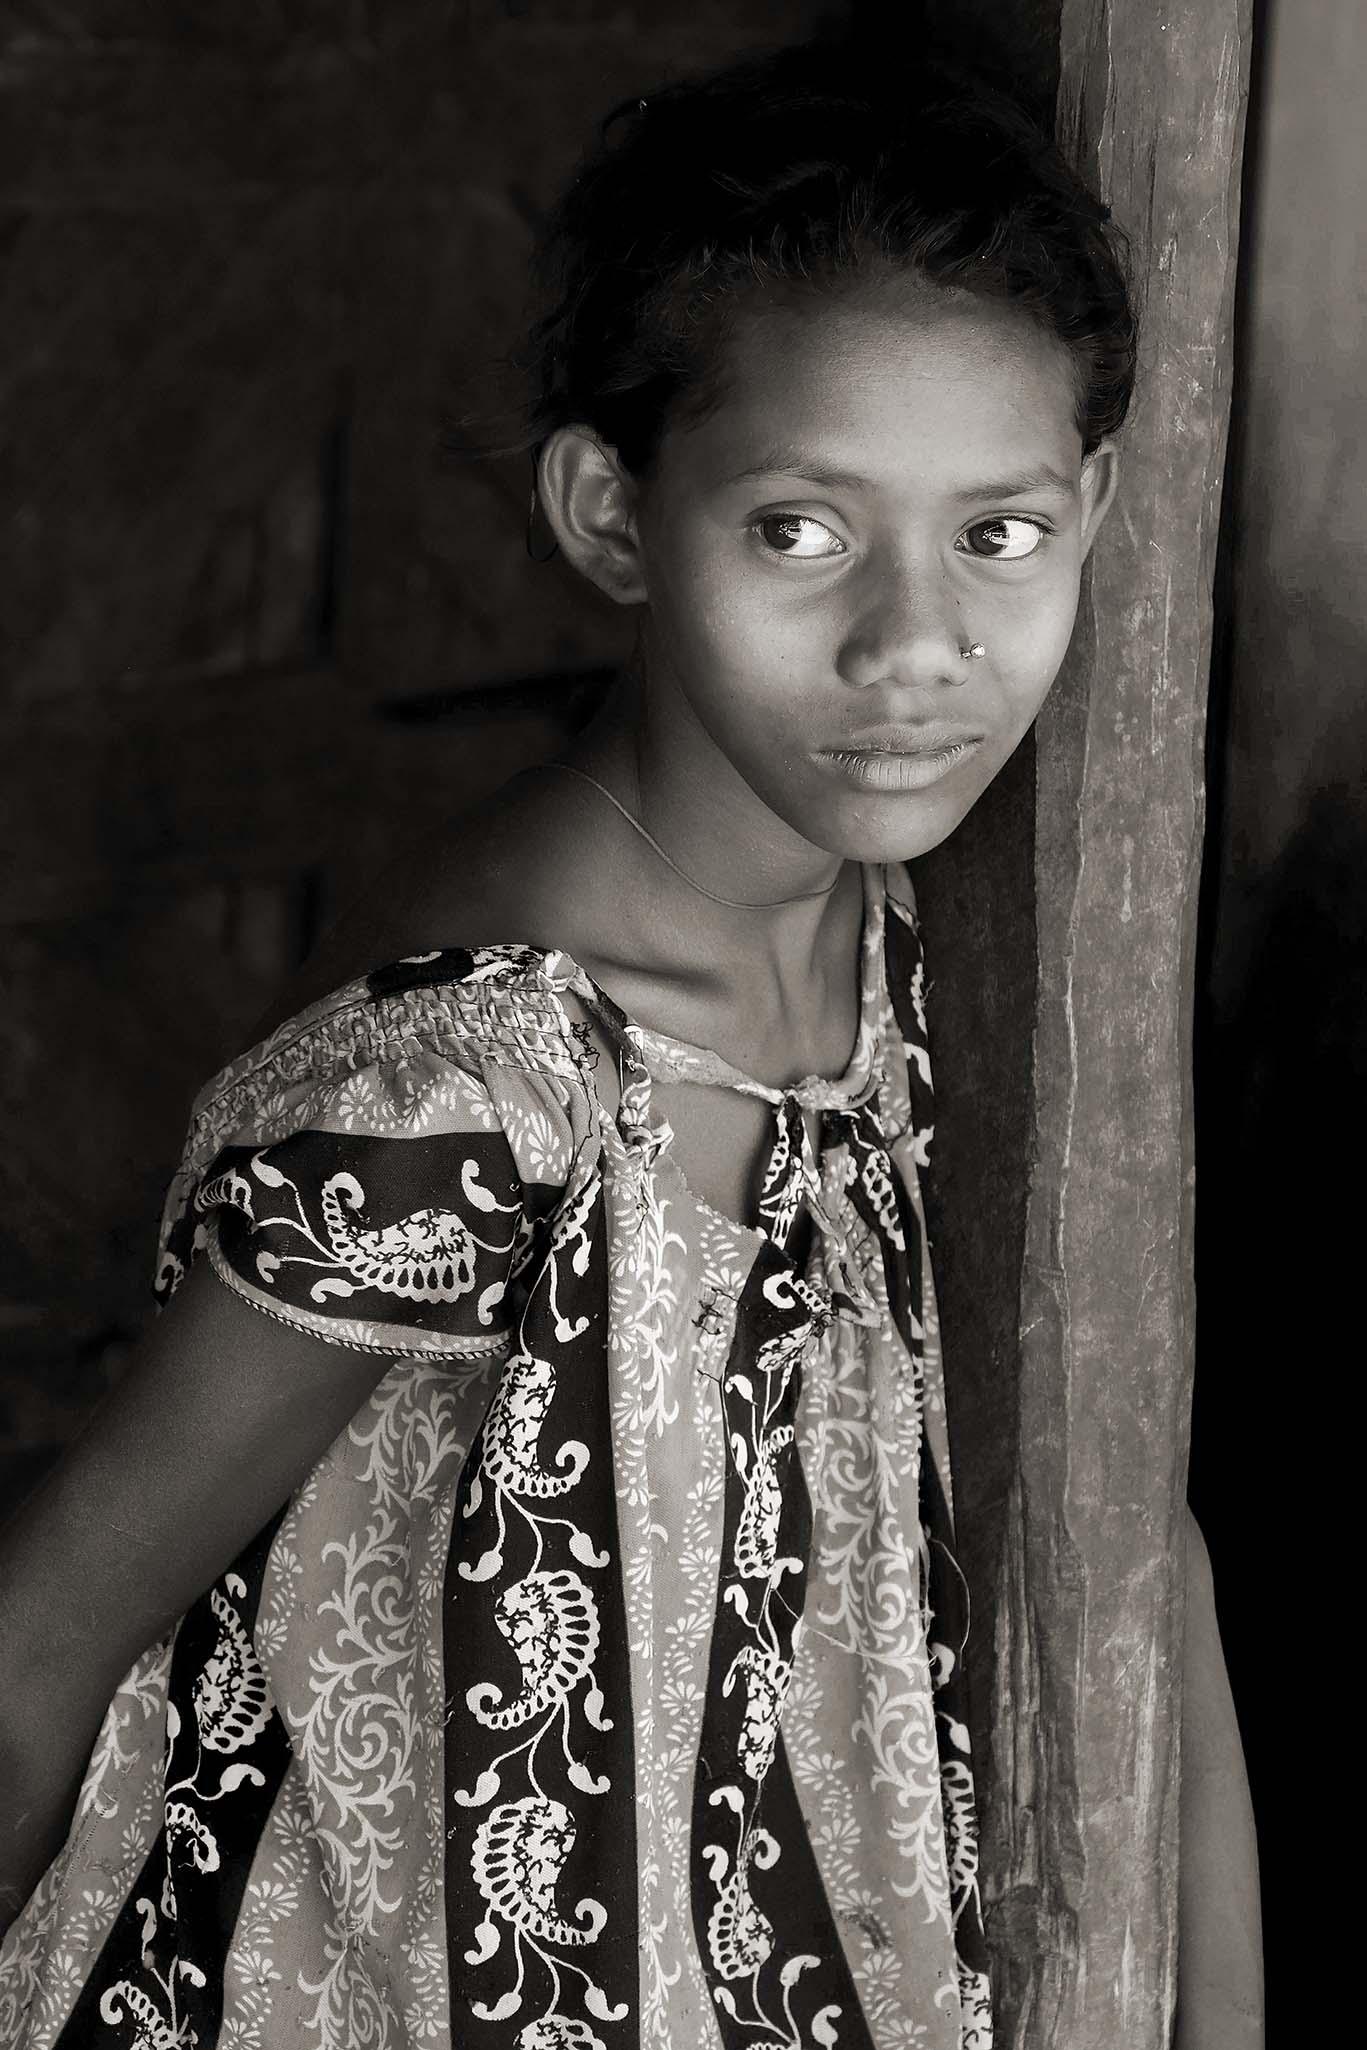 Adivasi meisje, Odisha 3.3.3 DSCF7431